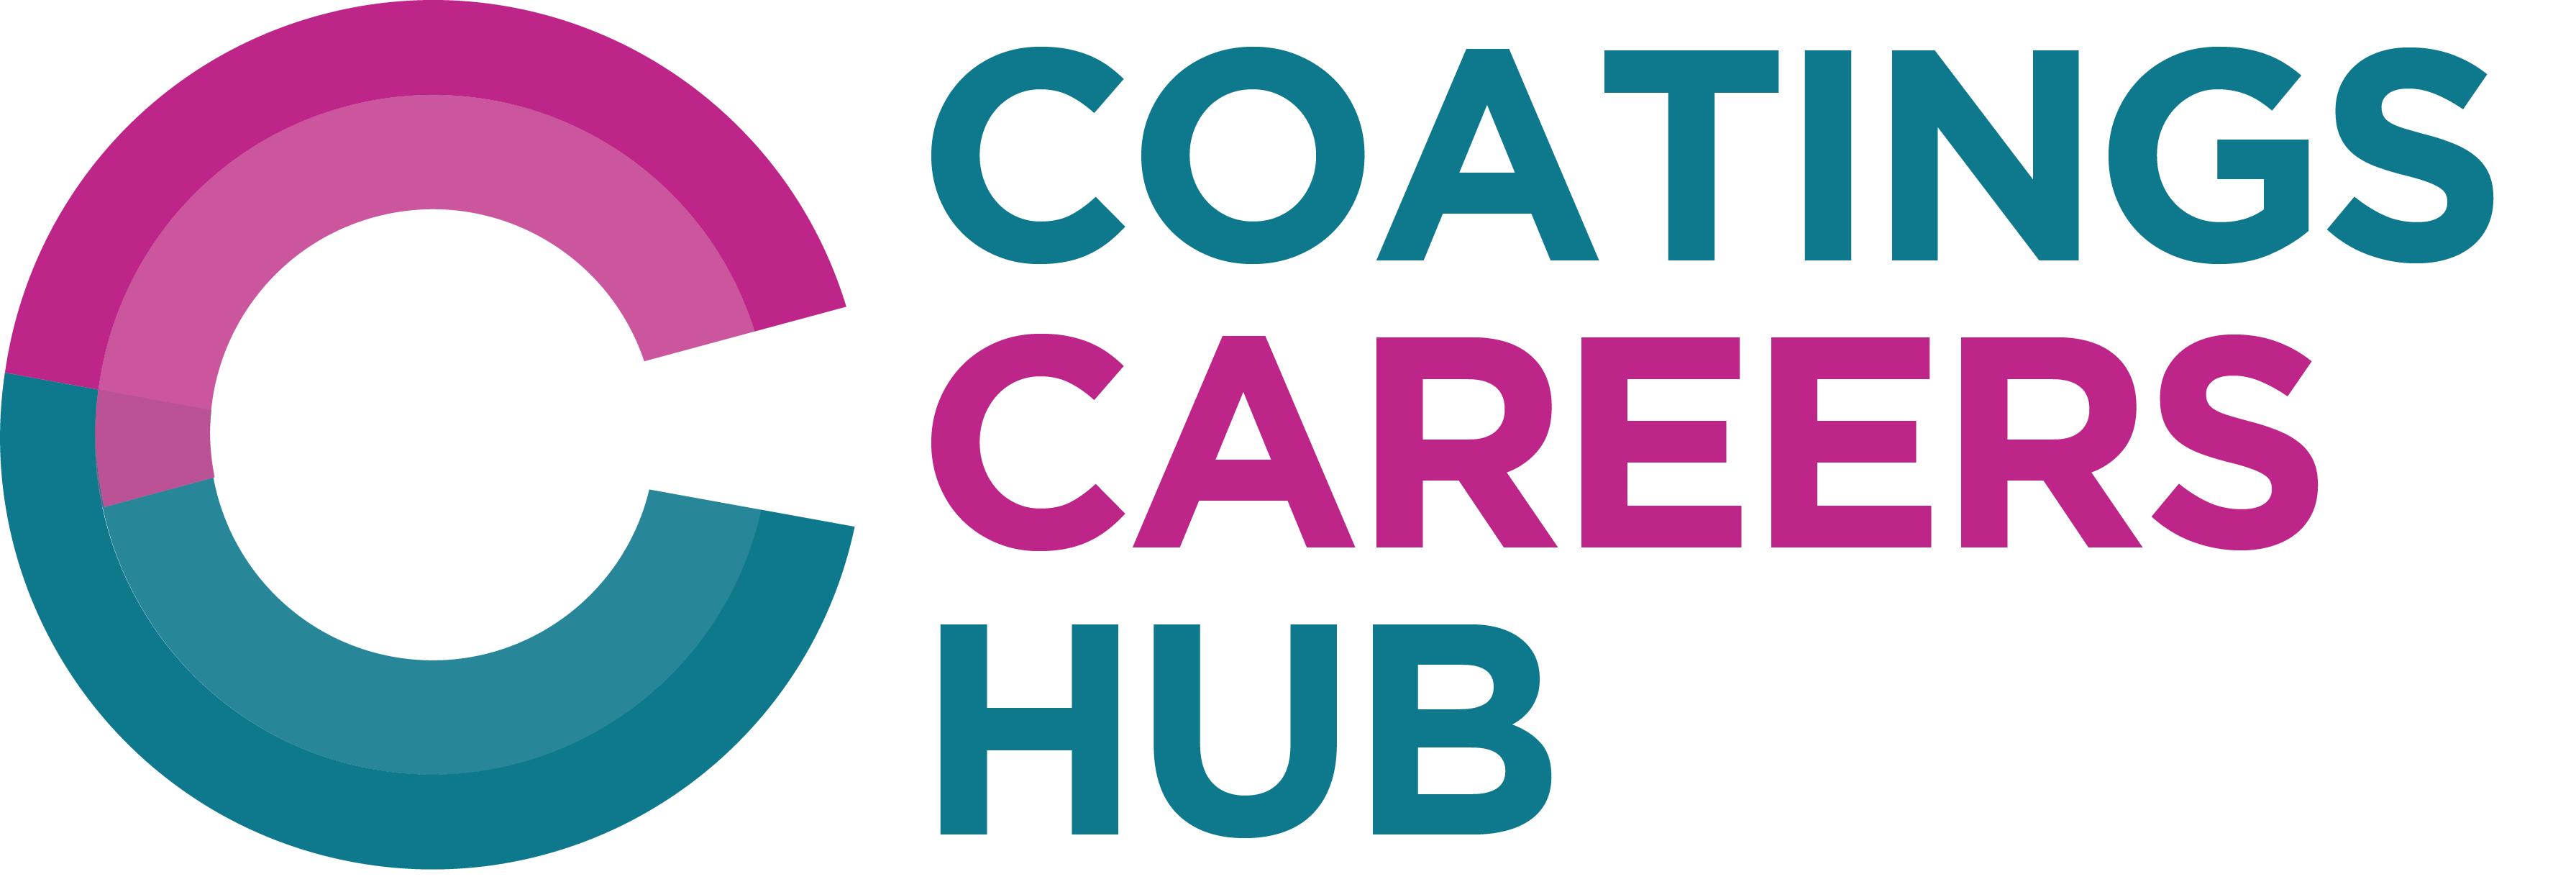 Coatings Careers Hub